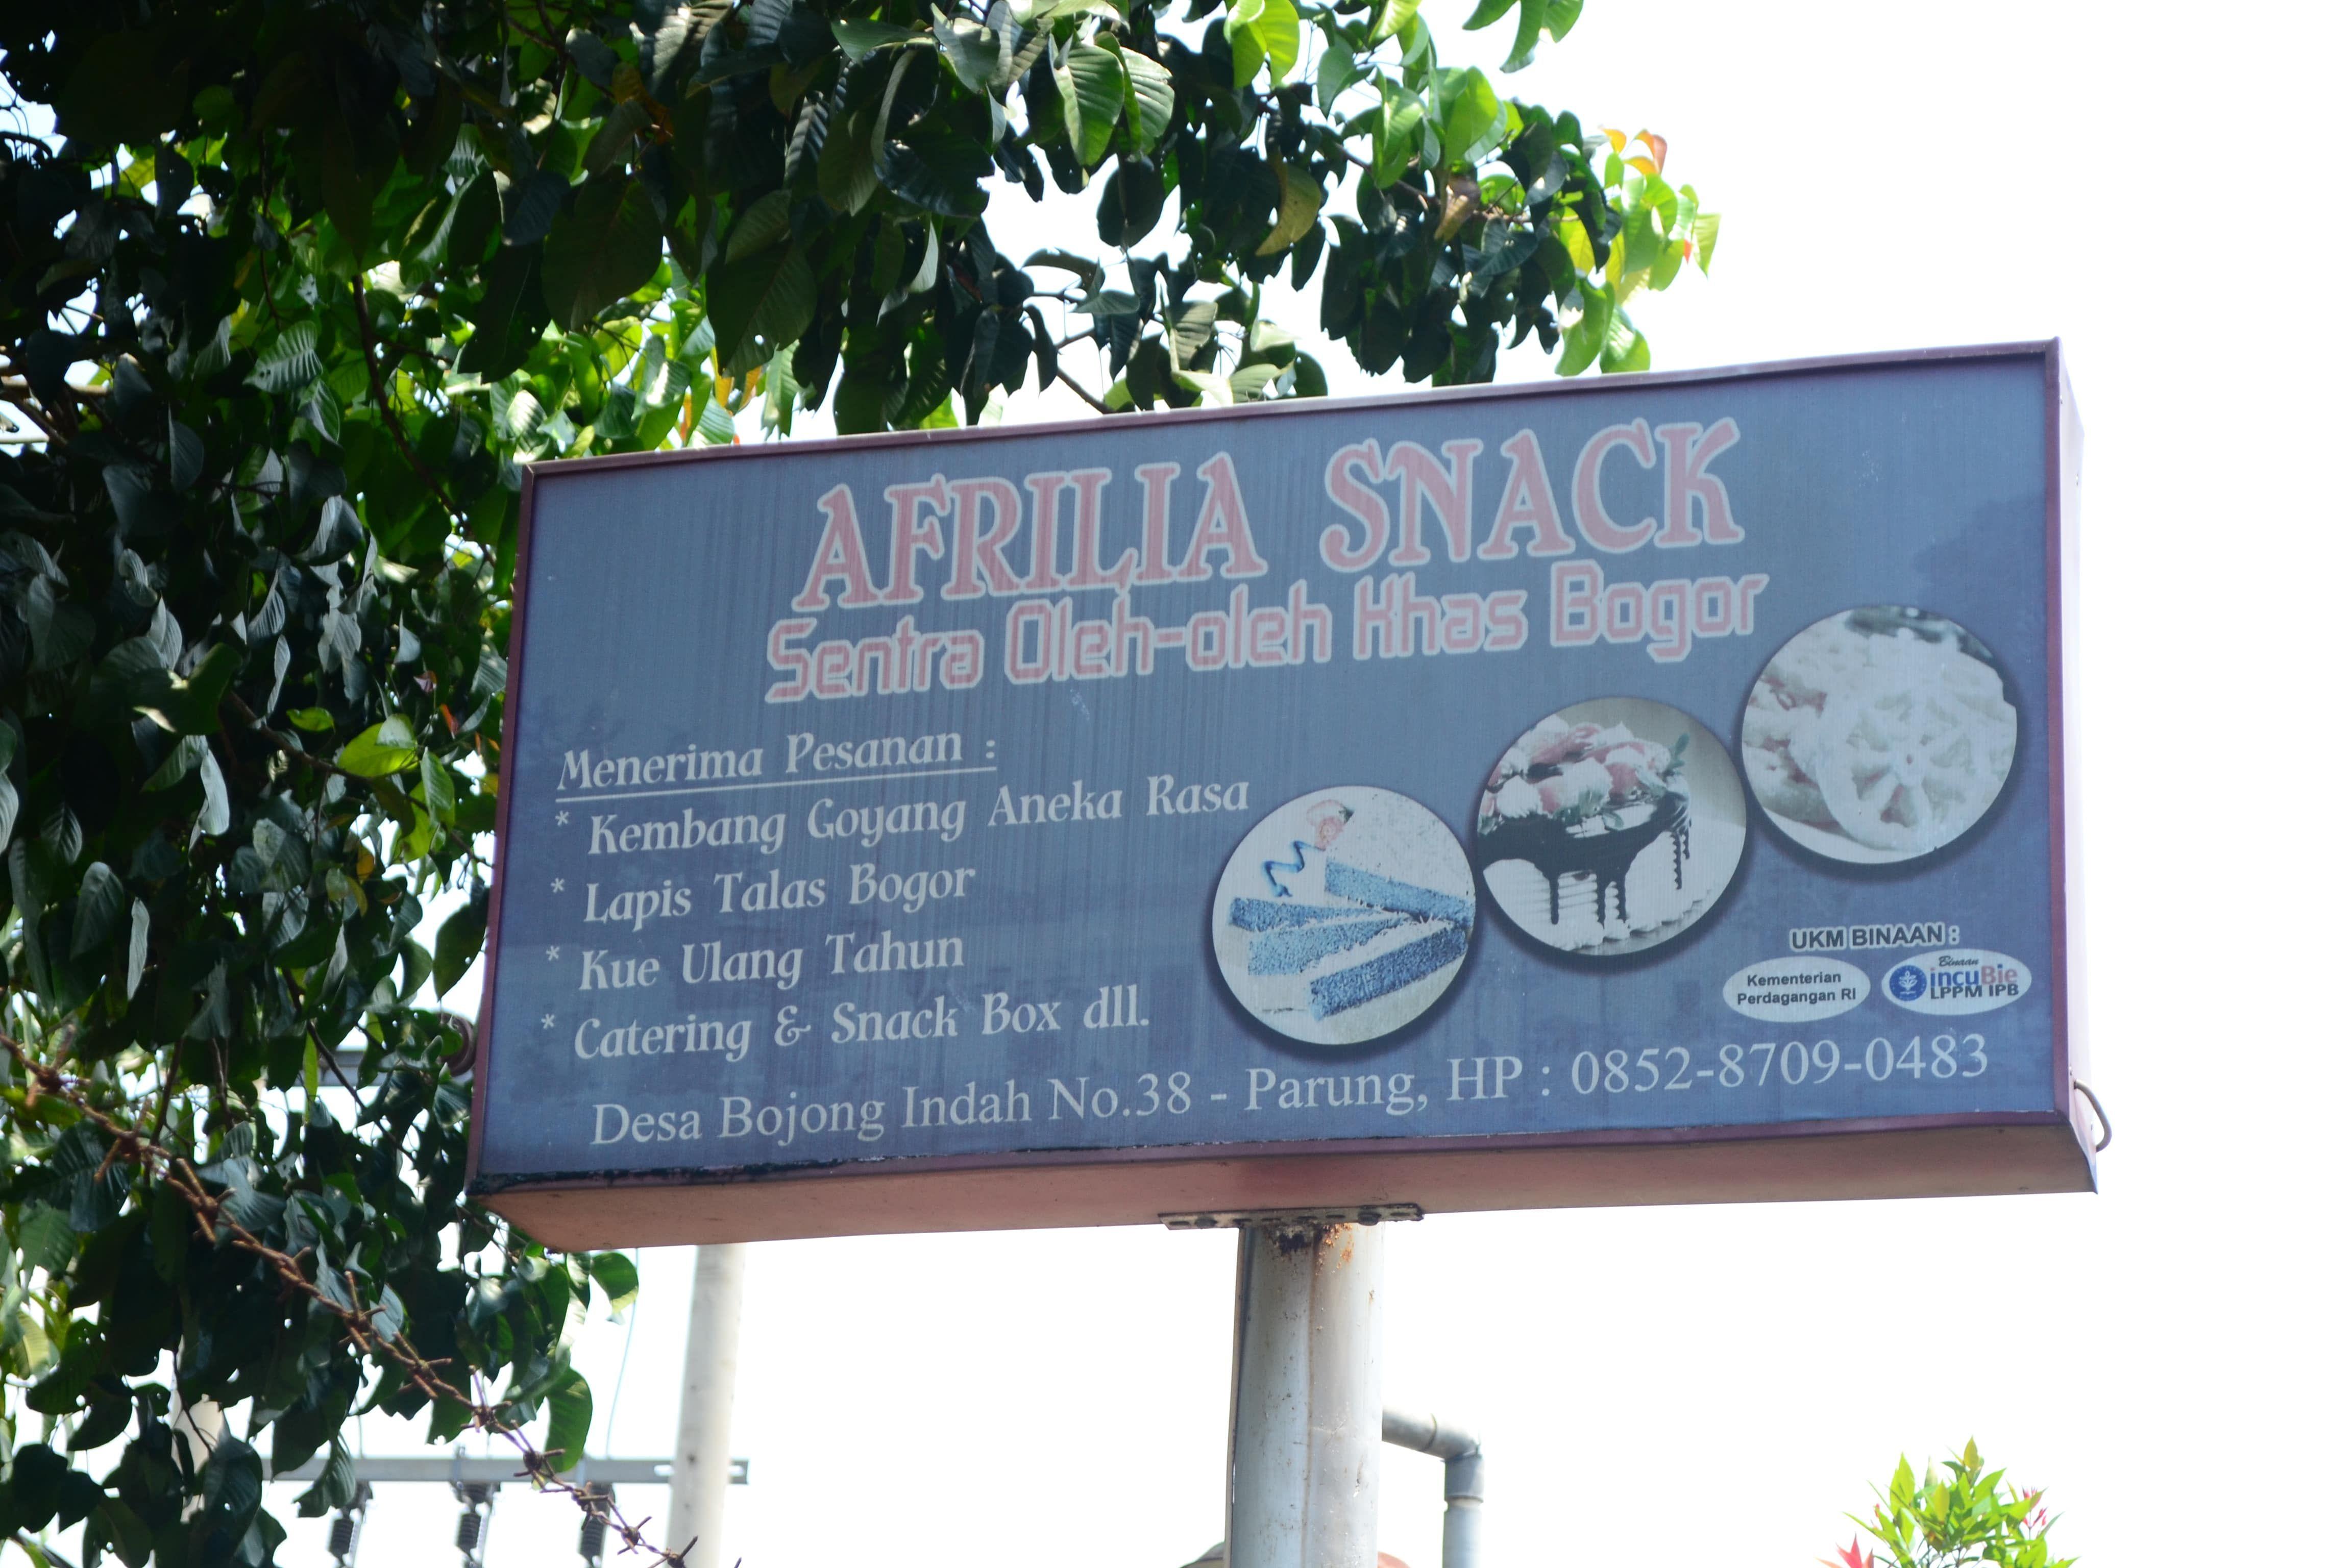 Afrilia Snack Umkm Asal Parung Si Traveller Asia Halaman 1